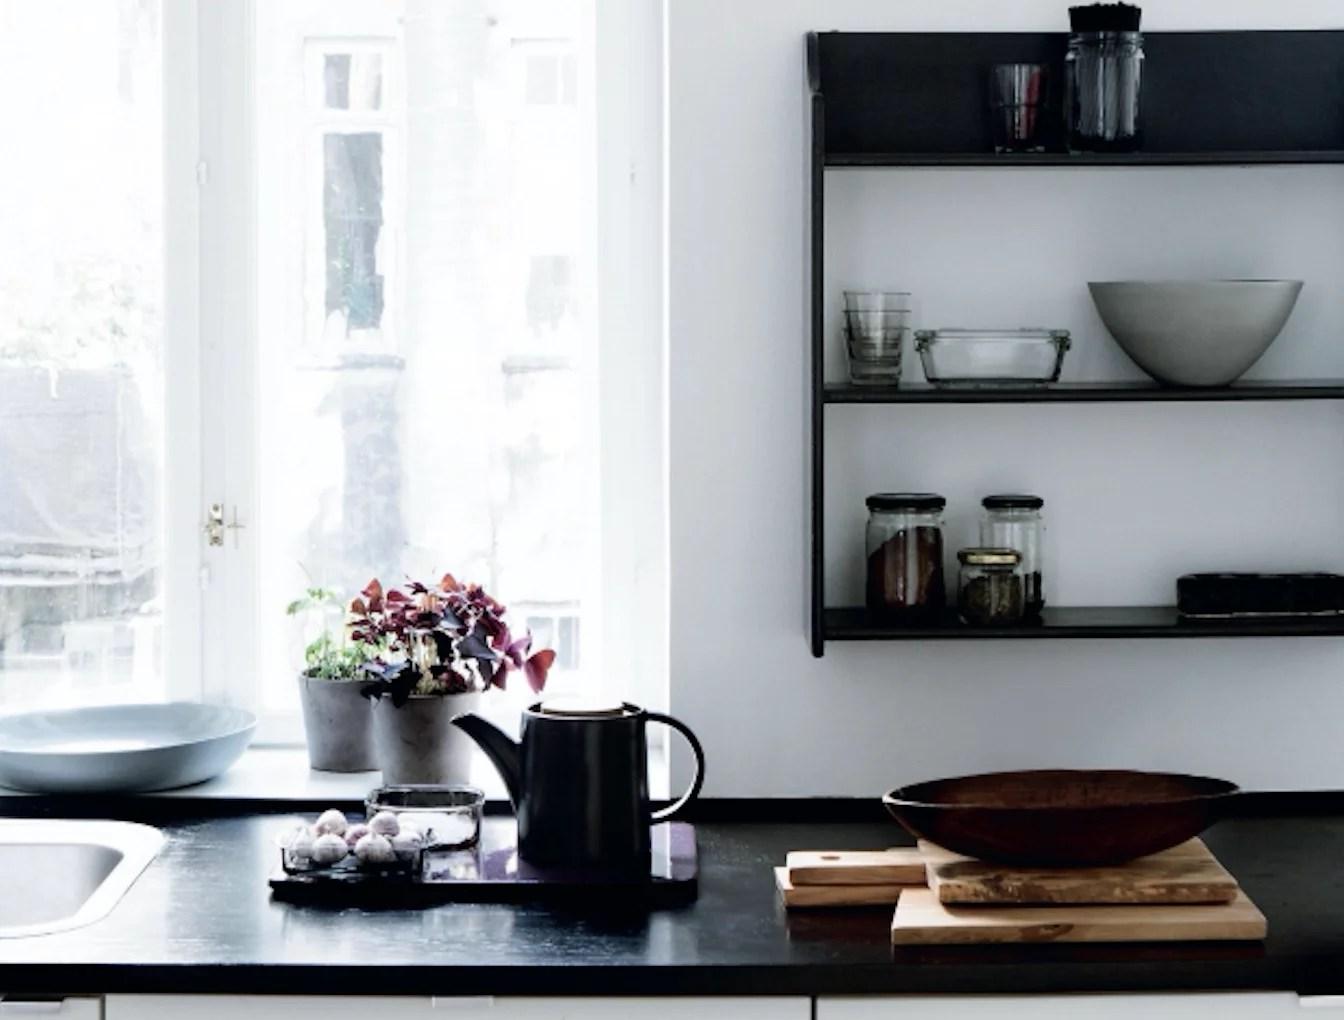 Interieur | Een moderne en opgeruimde keuken - Woonblog StijlvolStyling.com